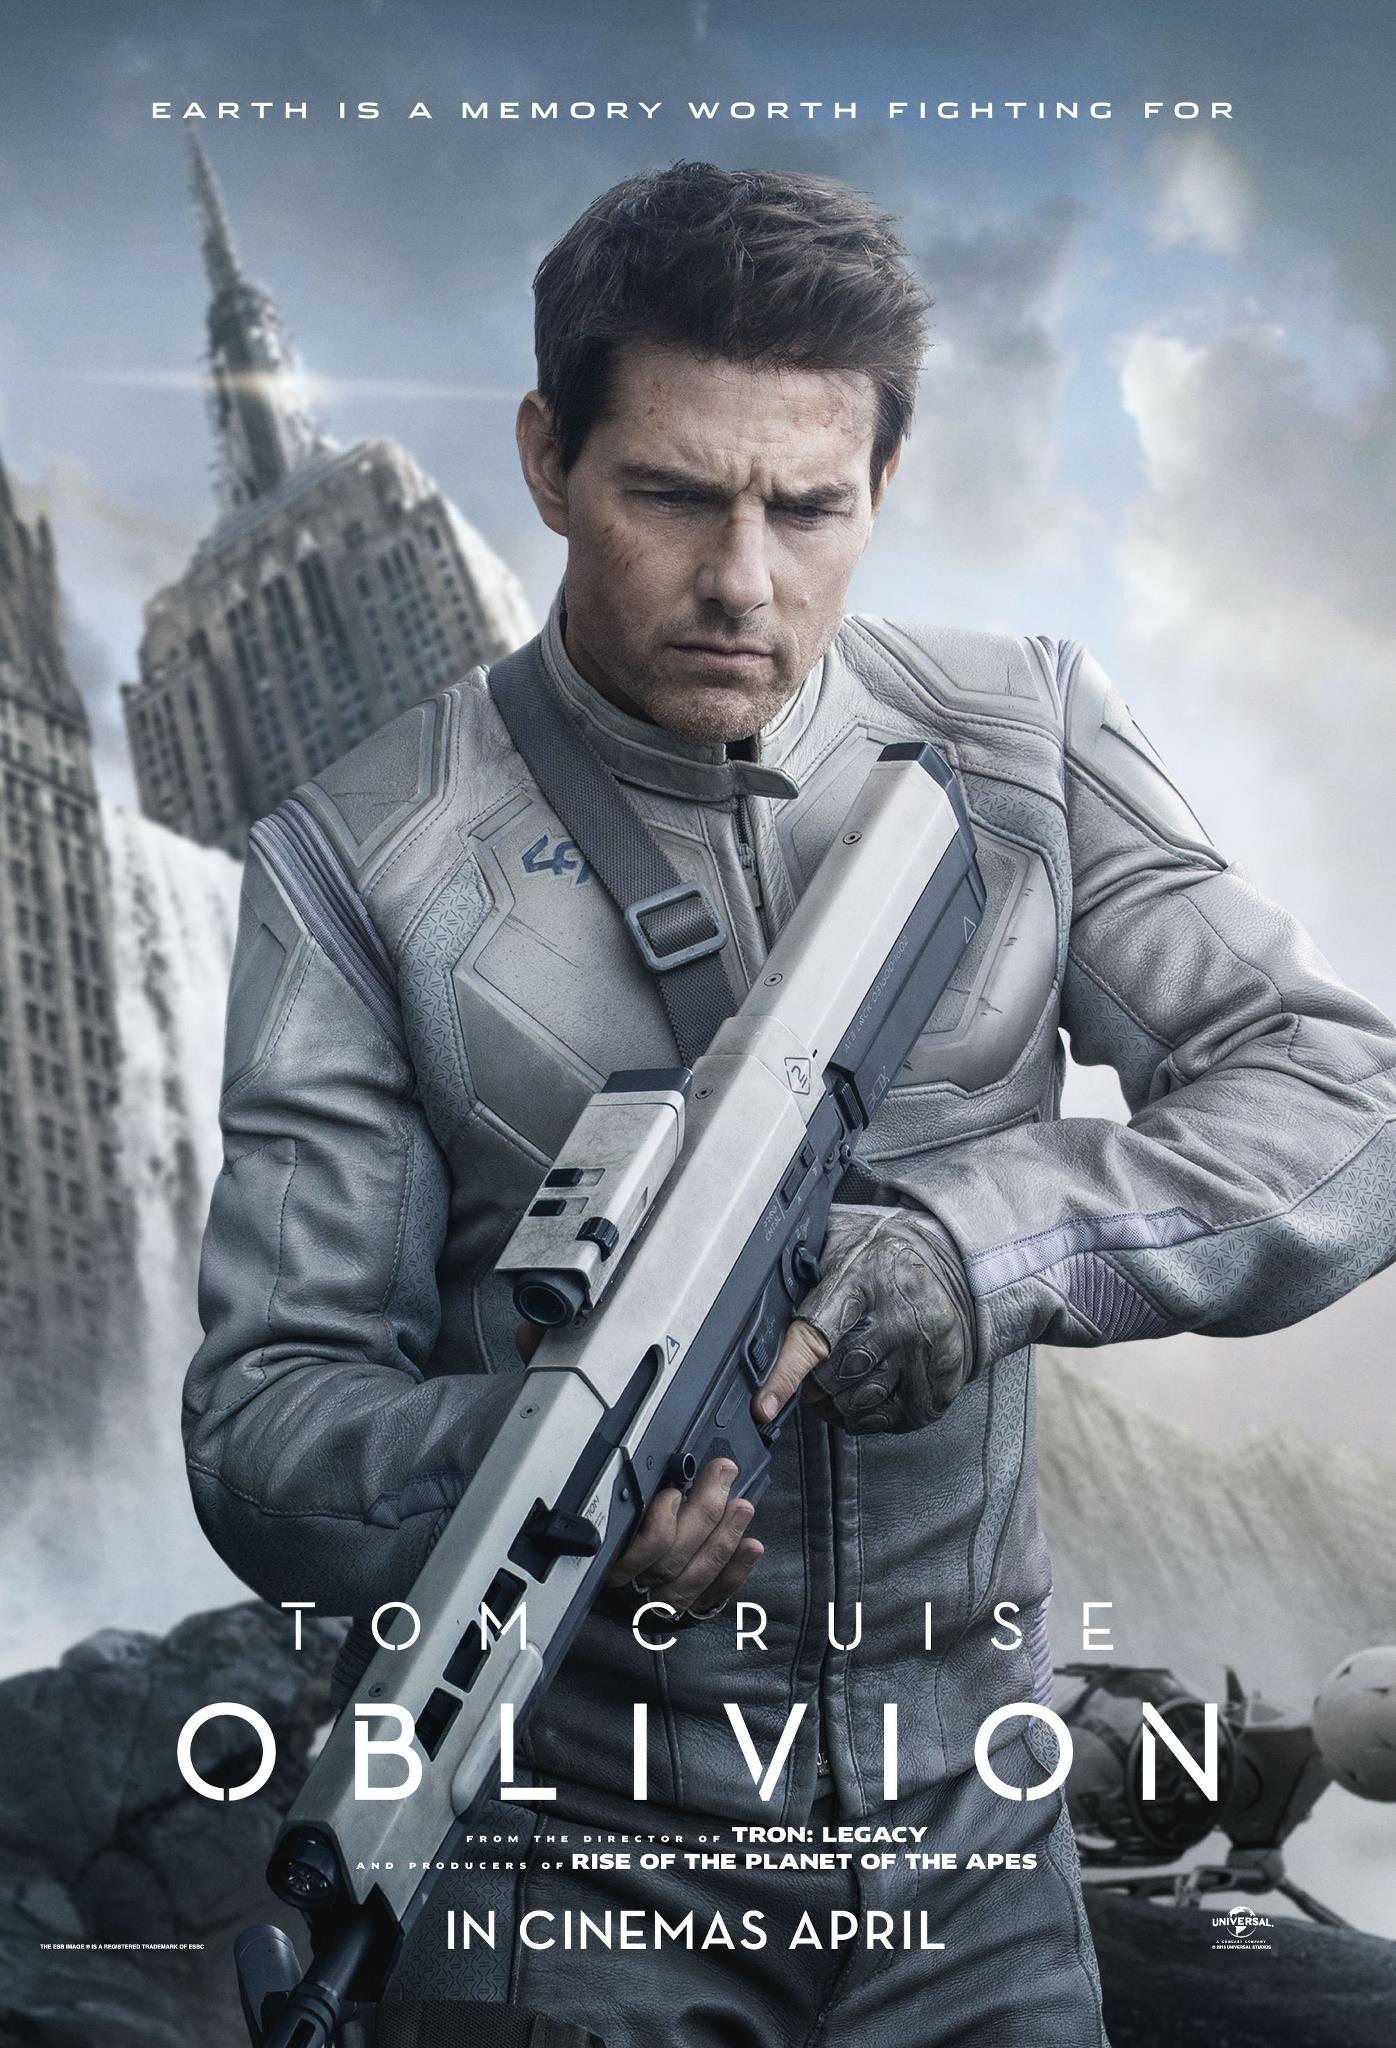 New Oblivion Trailer And Poster Ign Oblivion Movie Tom Cruise Oblivion